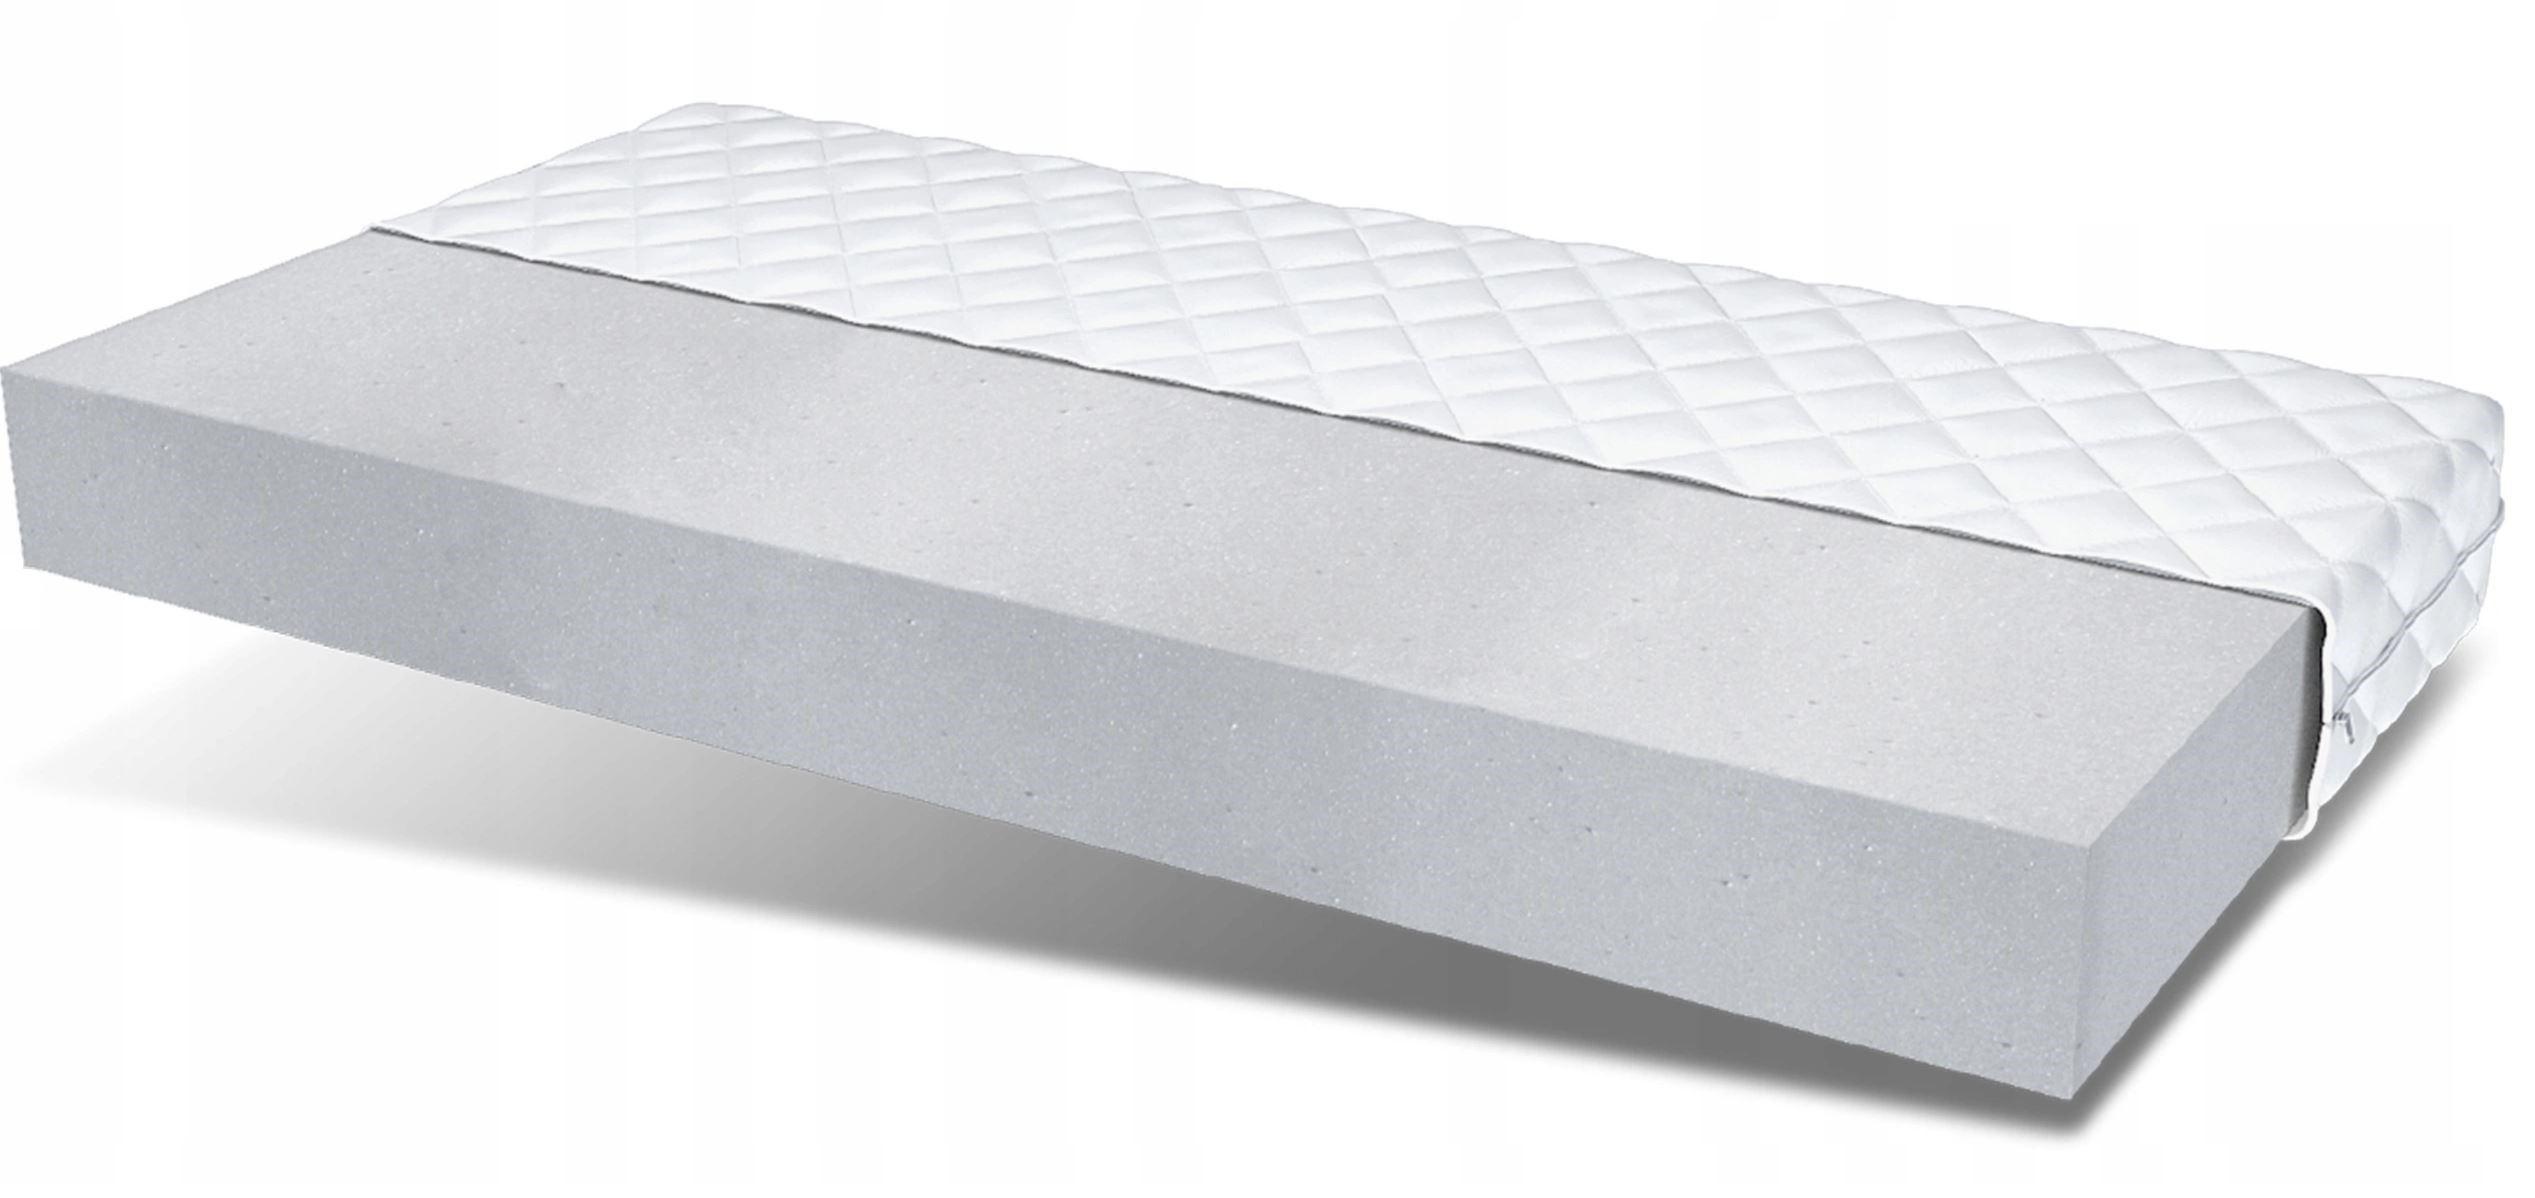 Dětská matrace Classic 160x80x9 cm